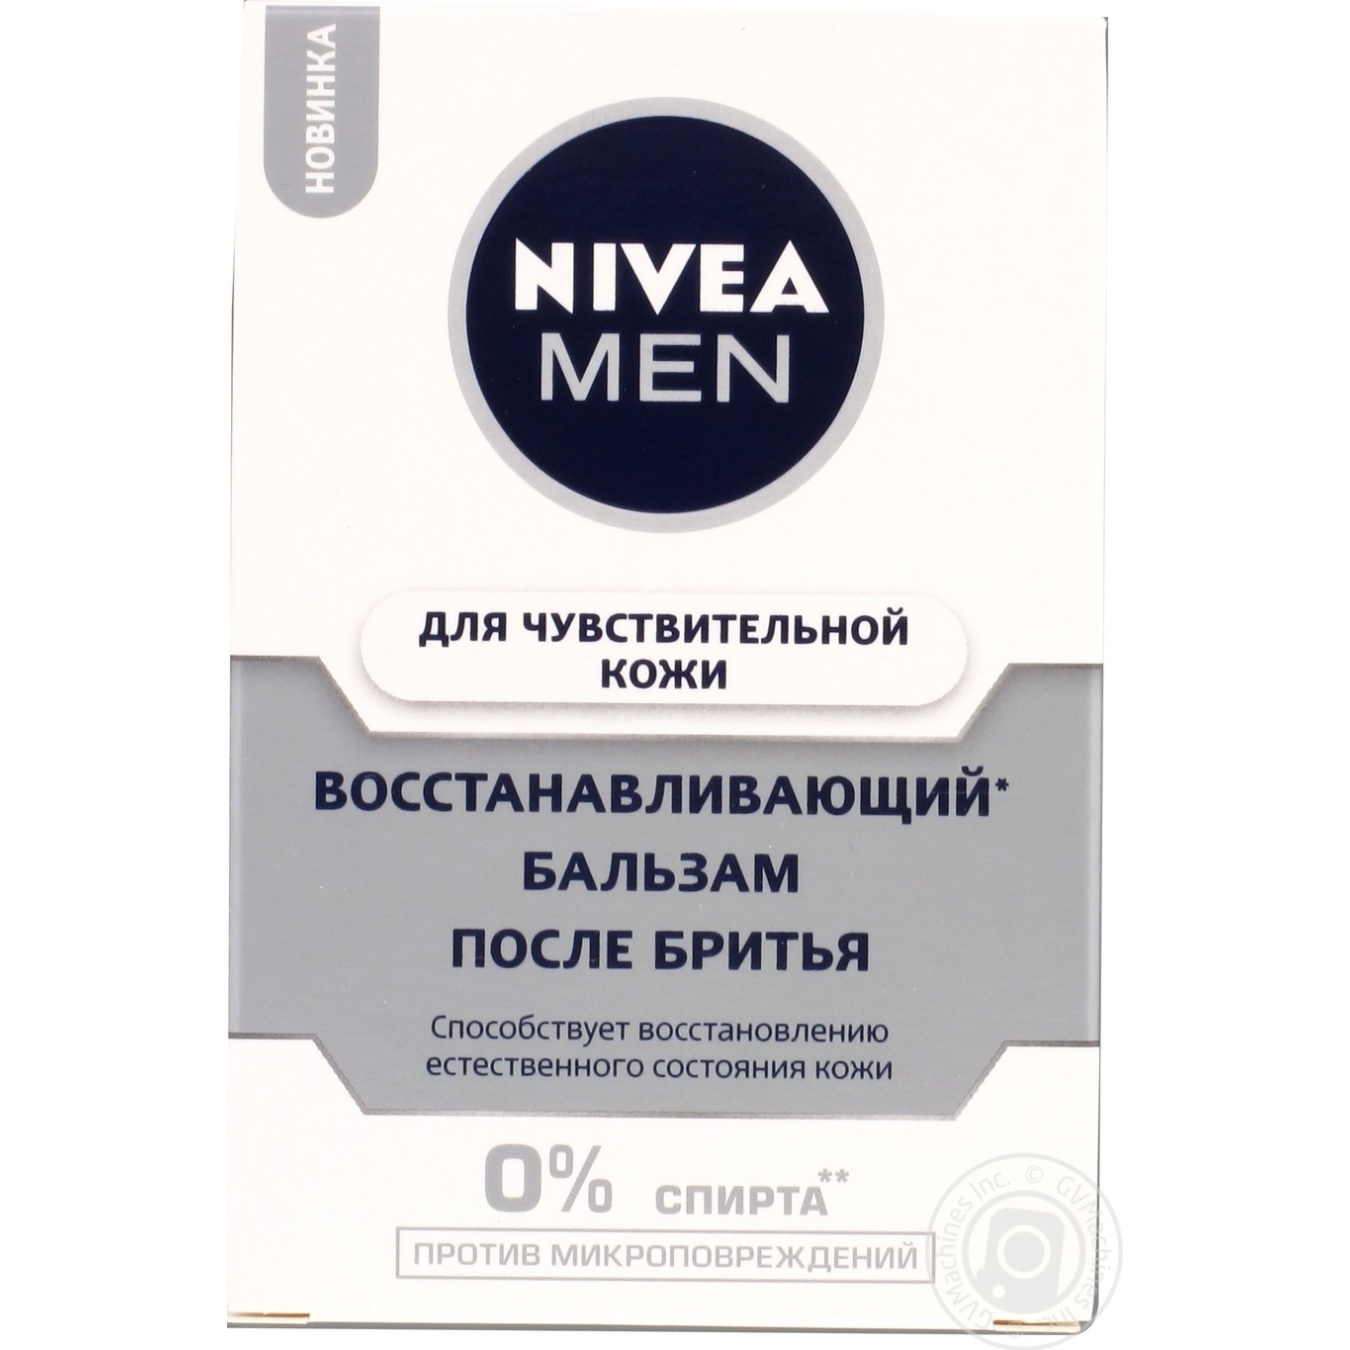 NIVEA БАЛЬ П/ГОЛ ВІДНОВ 100МЛ